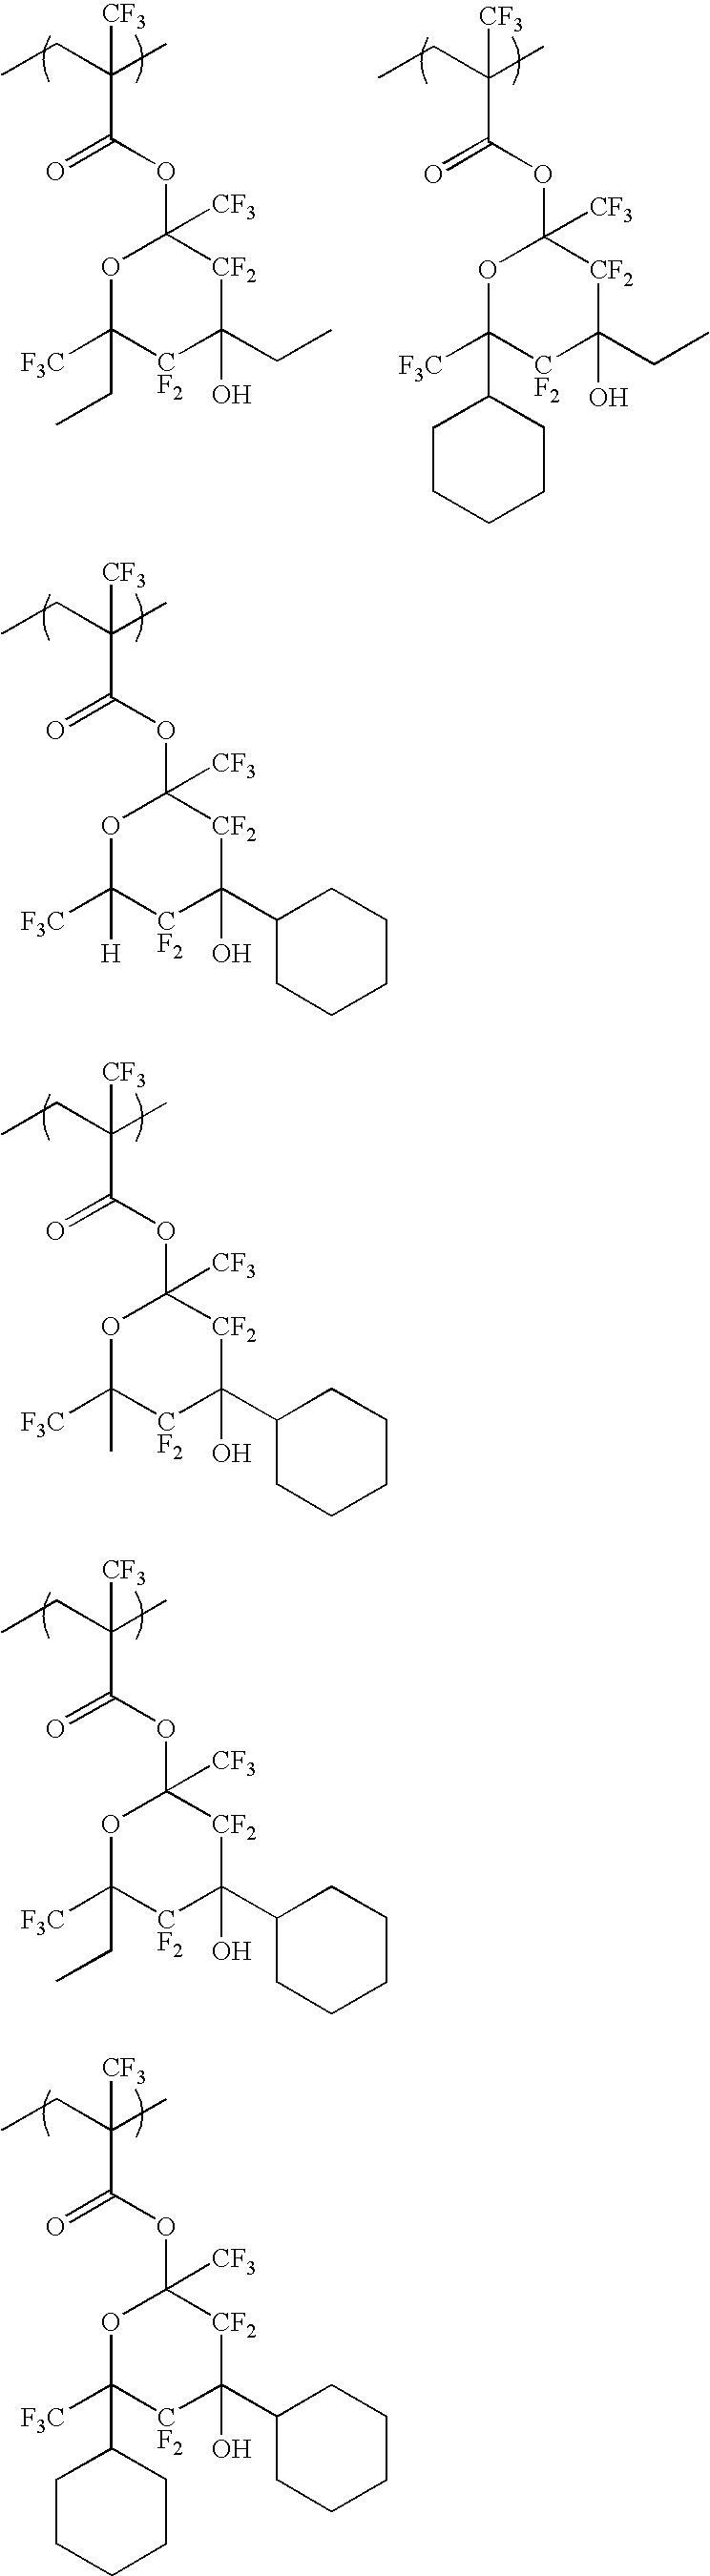 Figure US20060094817A1-20060504-C00038